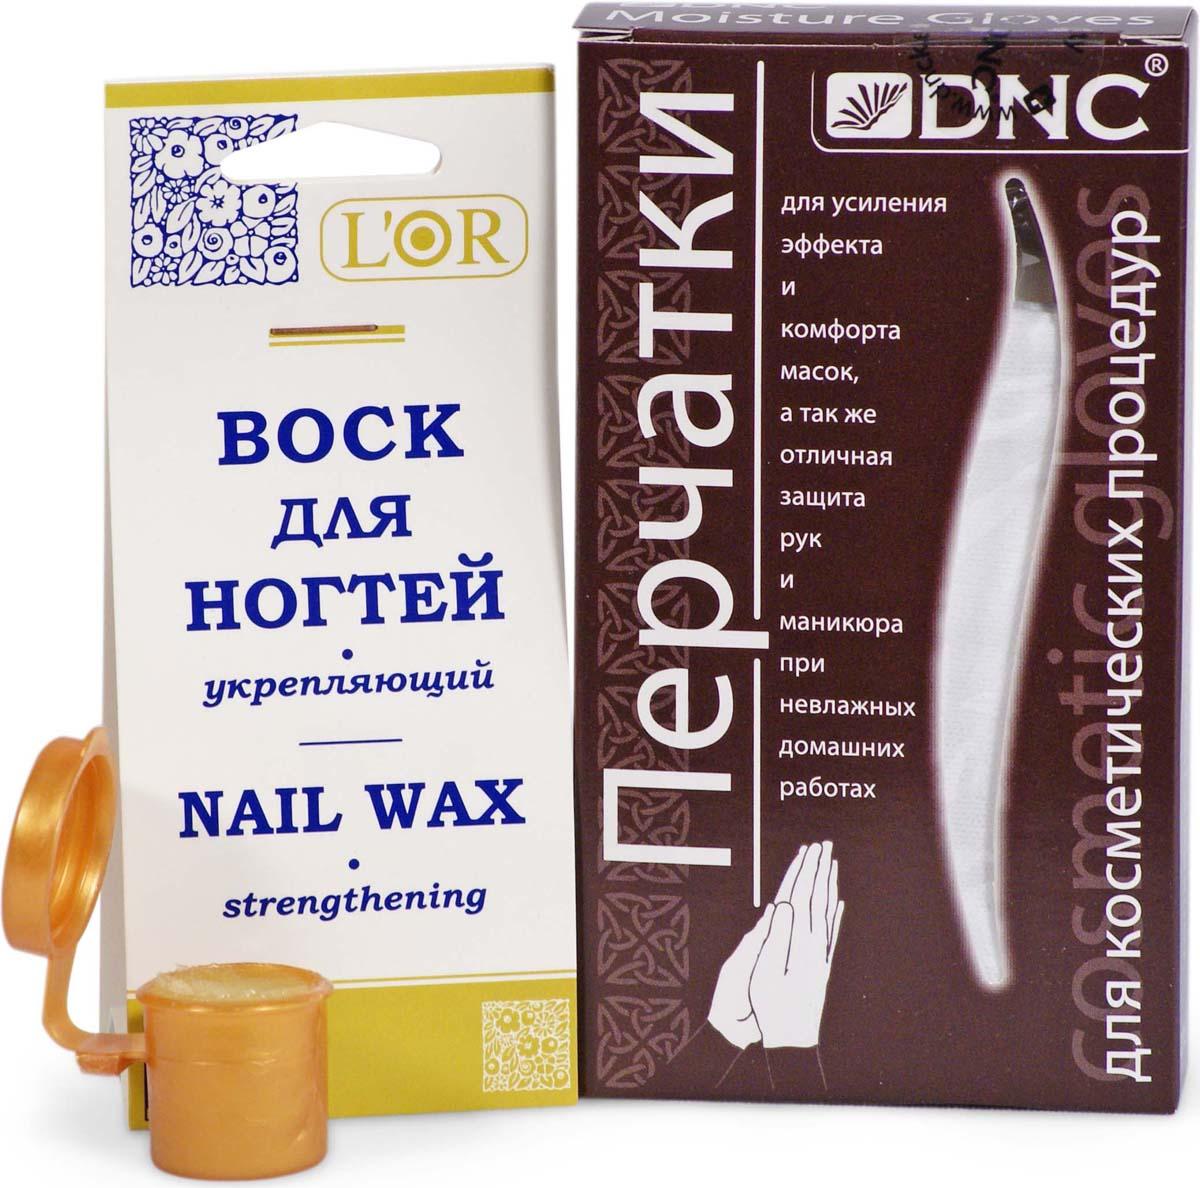 DNC Набор: Перчатки косметические, Воск для ногтей укрепляющий L'Or, 5 мл dnc воск для ногтей полирующий 5 мл